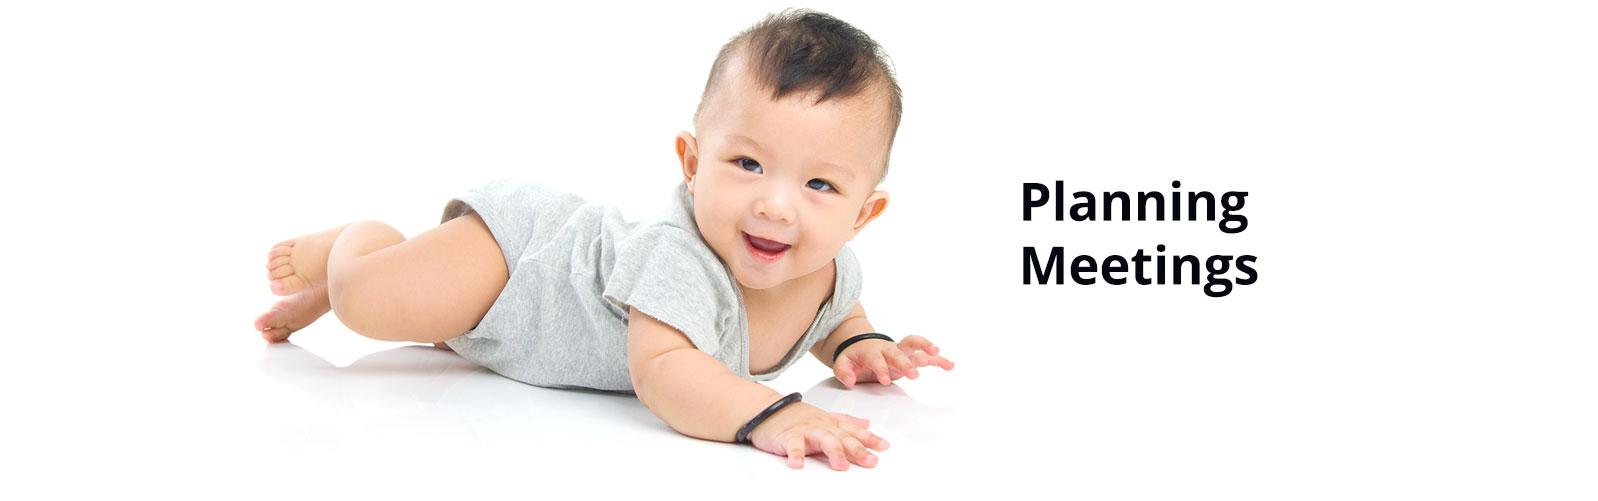 PN 3 Planning Meetings Dates